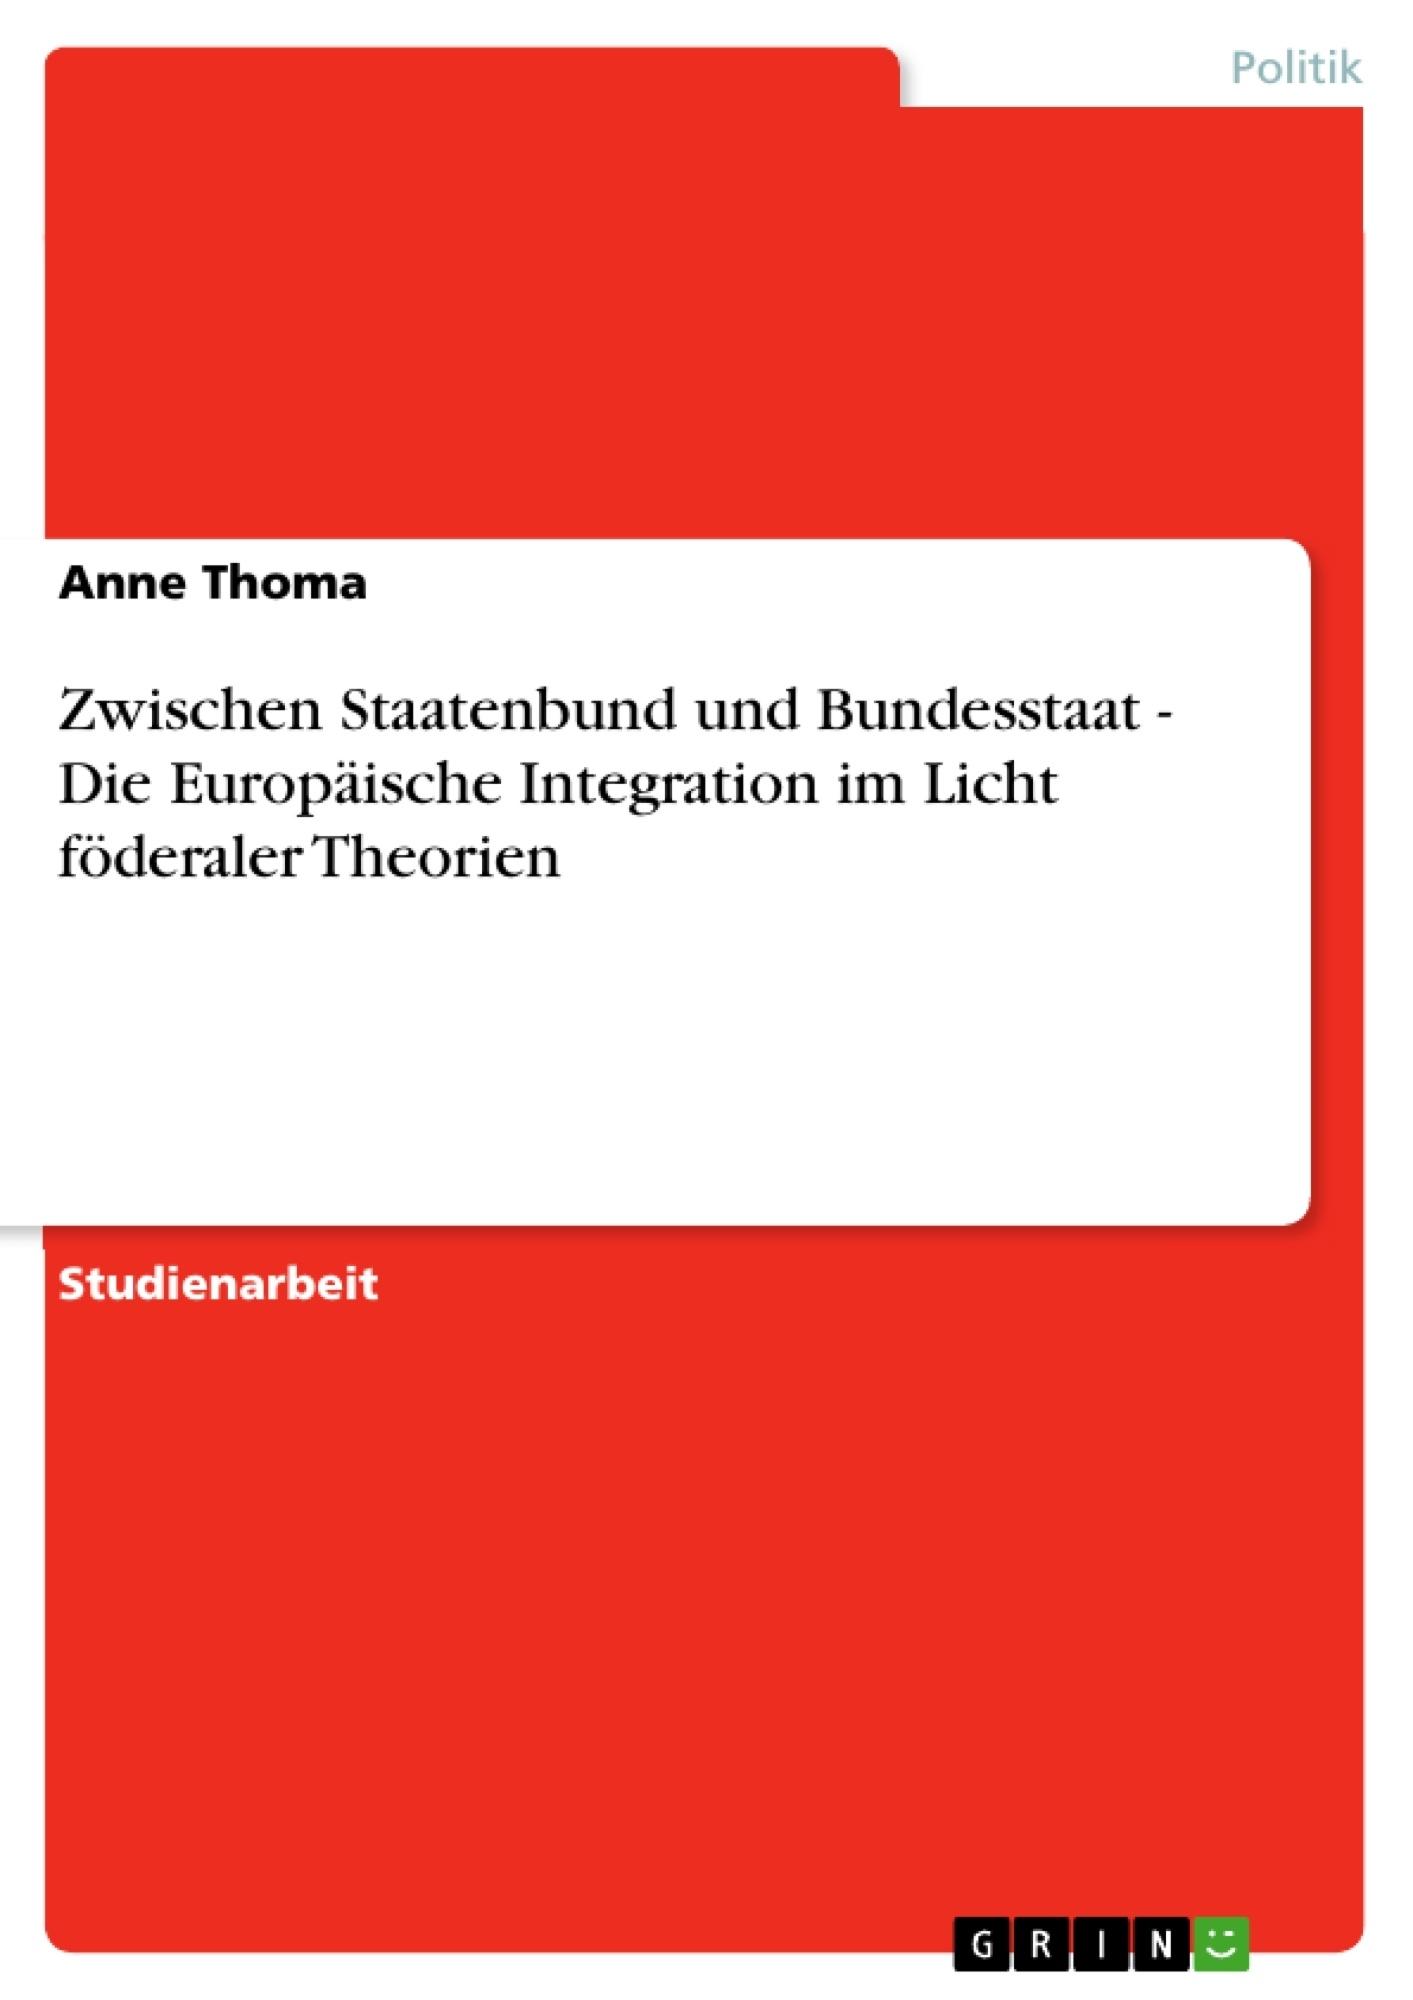 Titel: Zwischen Staatenbund und Bundesstaat - Die Europäische Integration im Licht föderaler Theorien